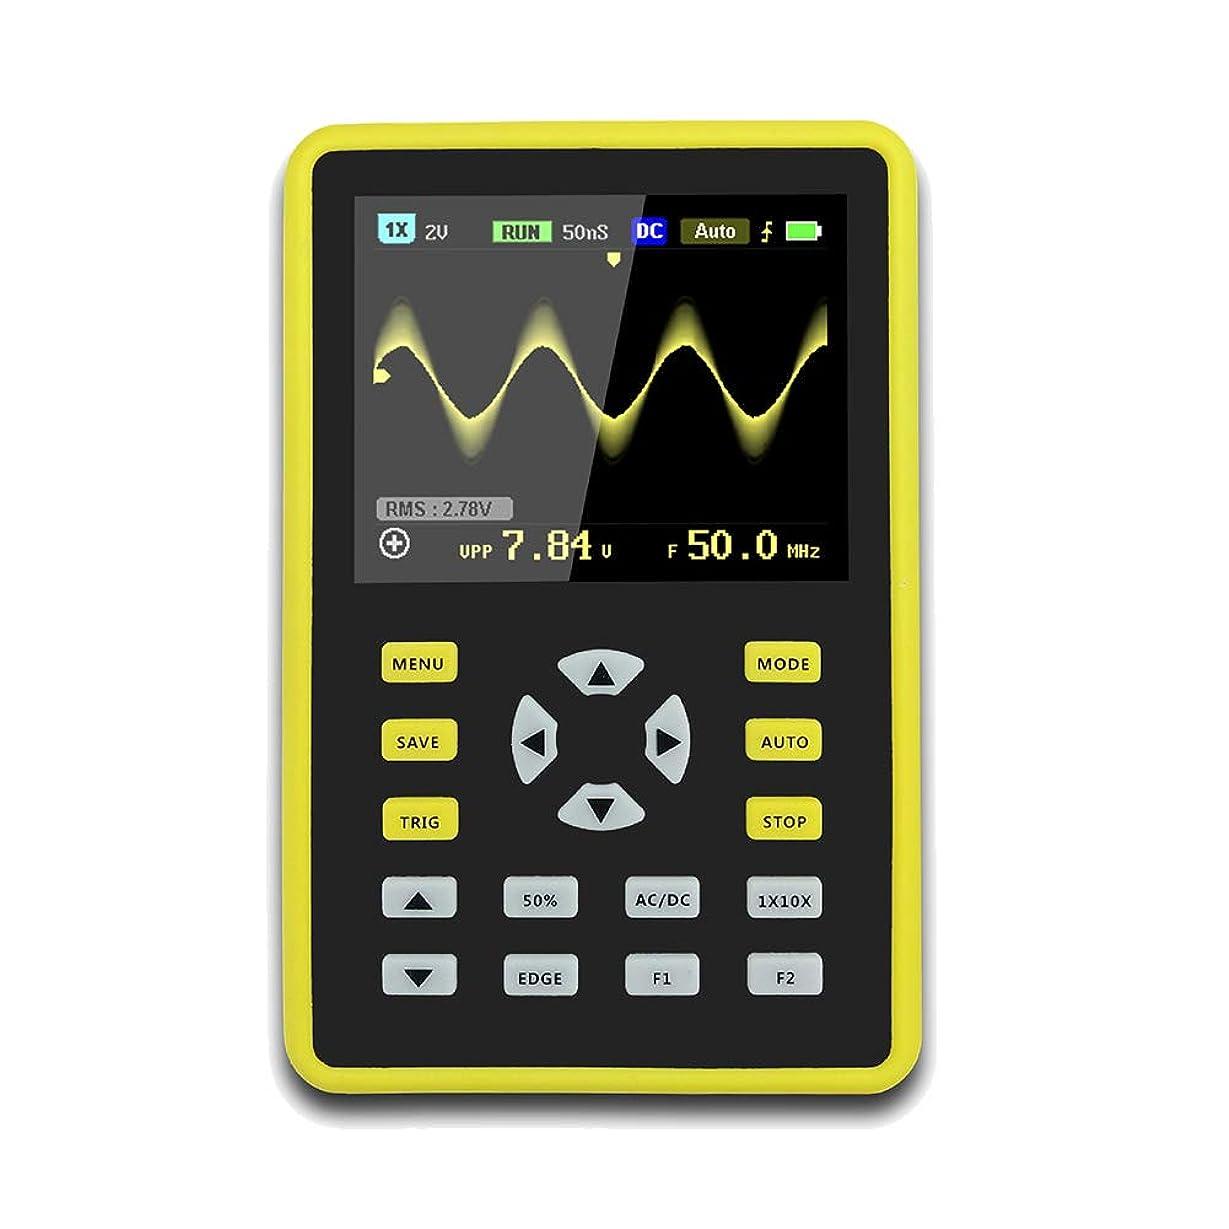 目の前のコーナー予算Xlp ?手持ち型デジタル小型オシロスコープ2.4インチ500 MS/s IPS LCD表示スクリーンの携帯用